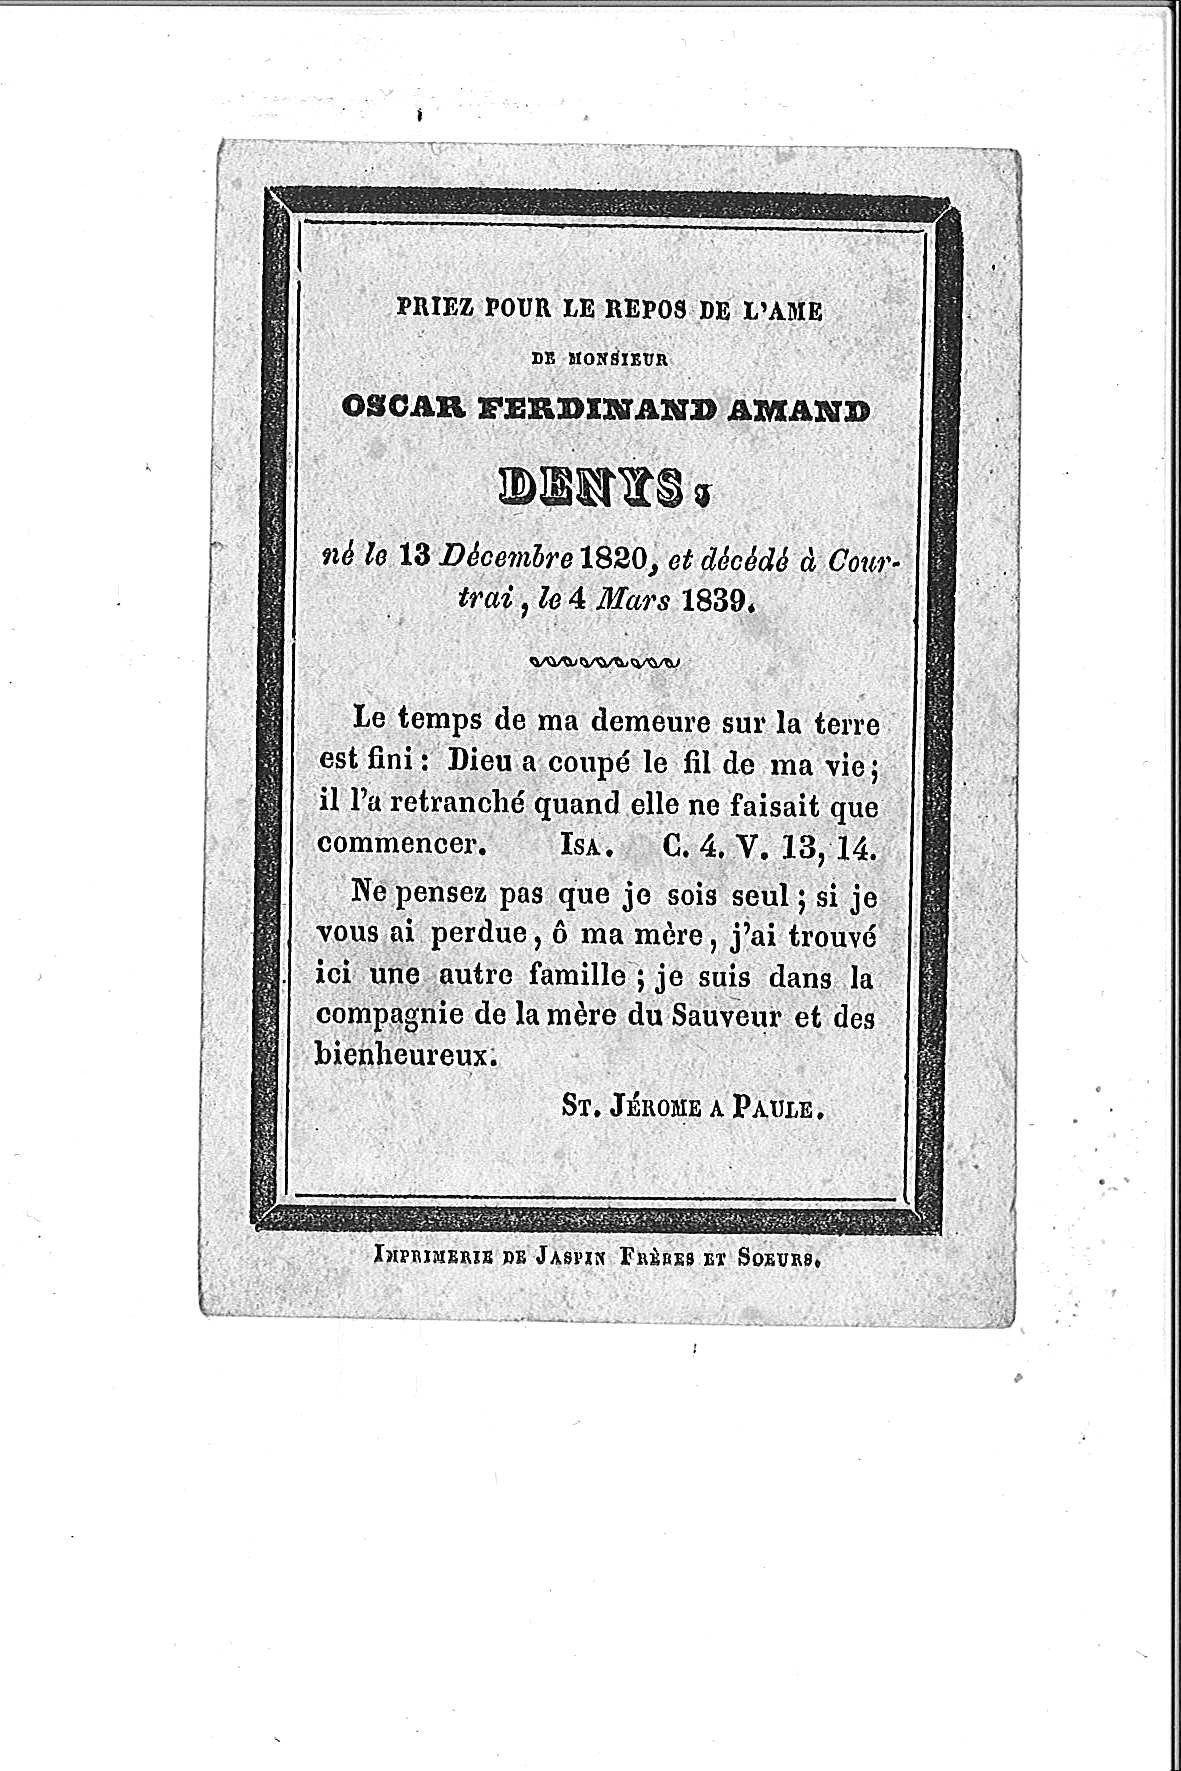 Oscar-Ferdinand-Amand(1839)20150415104000_00096.jpg